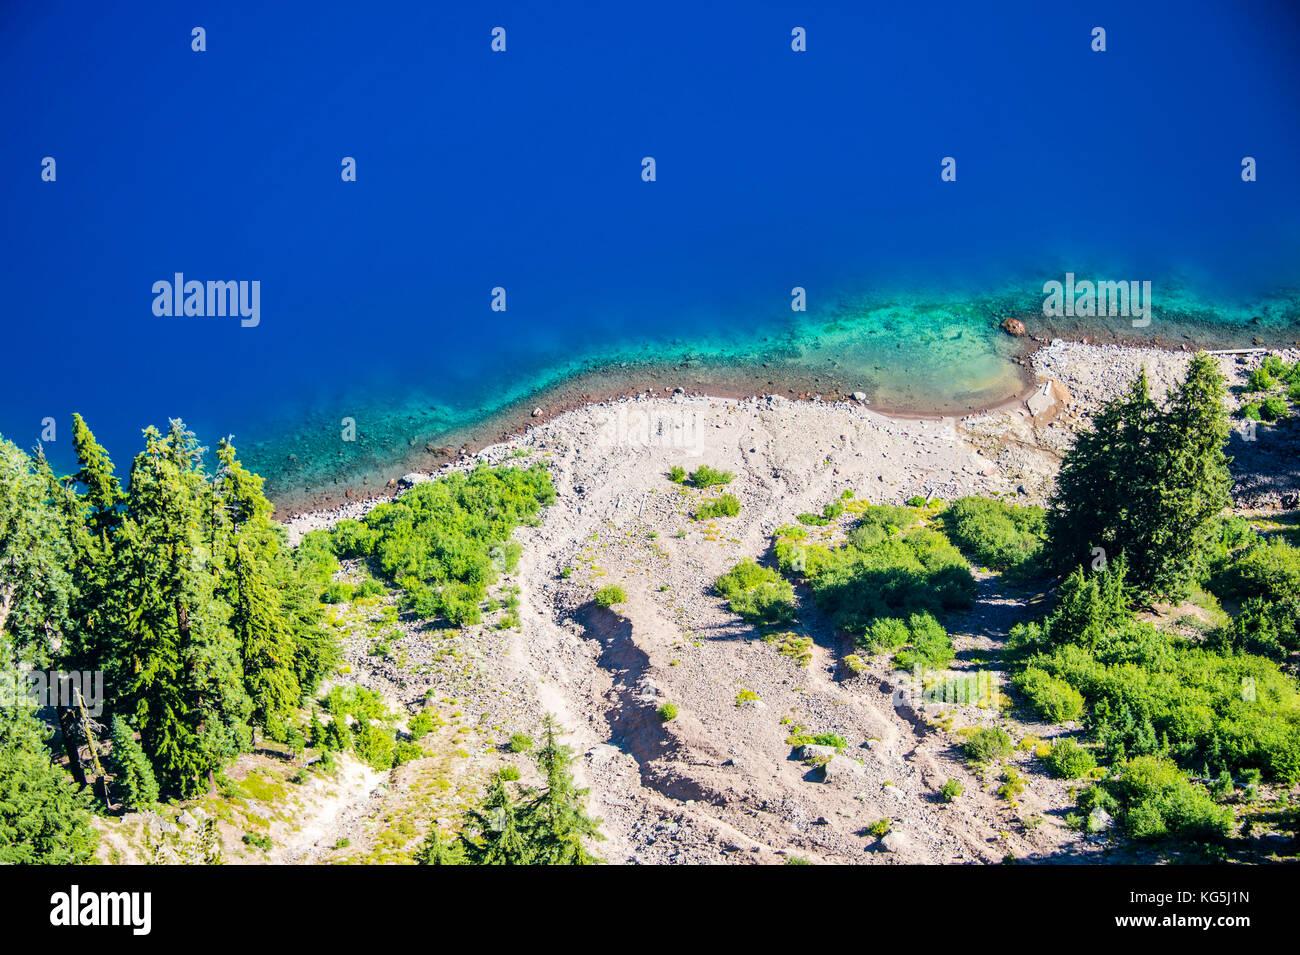 L'eau d'un bleu profond dans l'immense caldeira du Crater Lake National Park, Oregon, USA Photo Stock